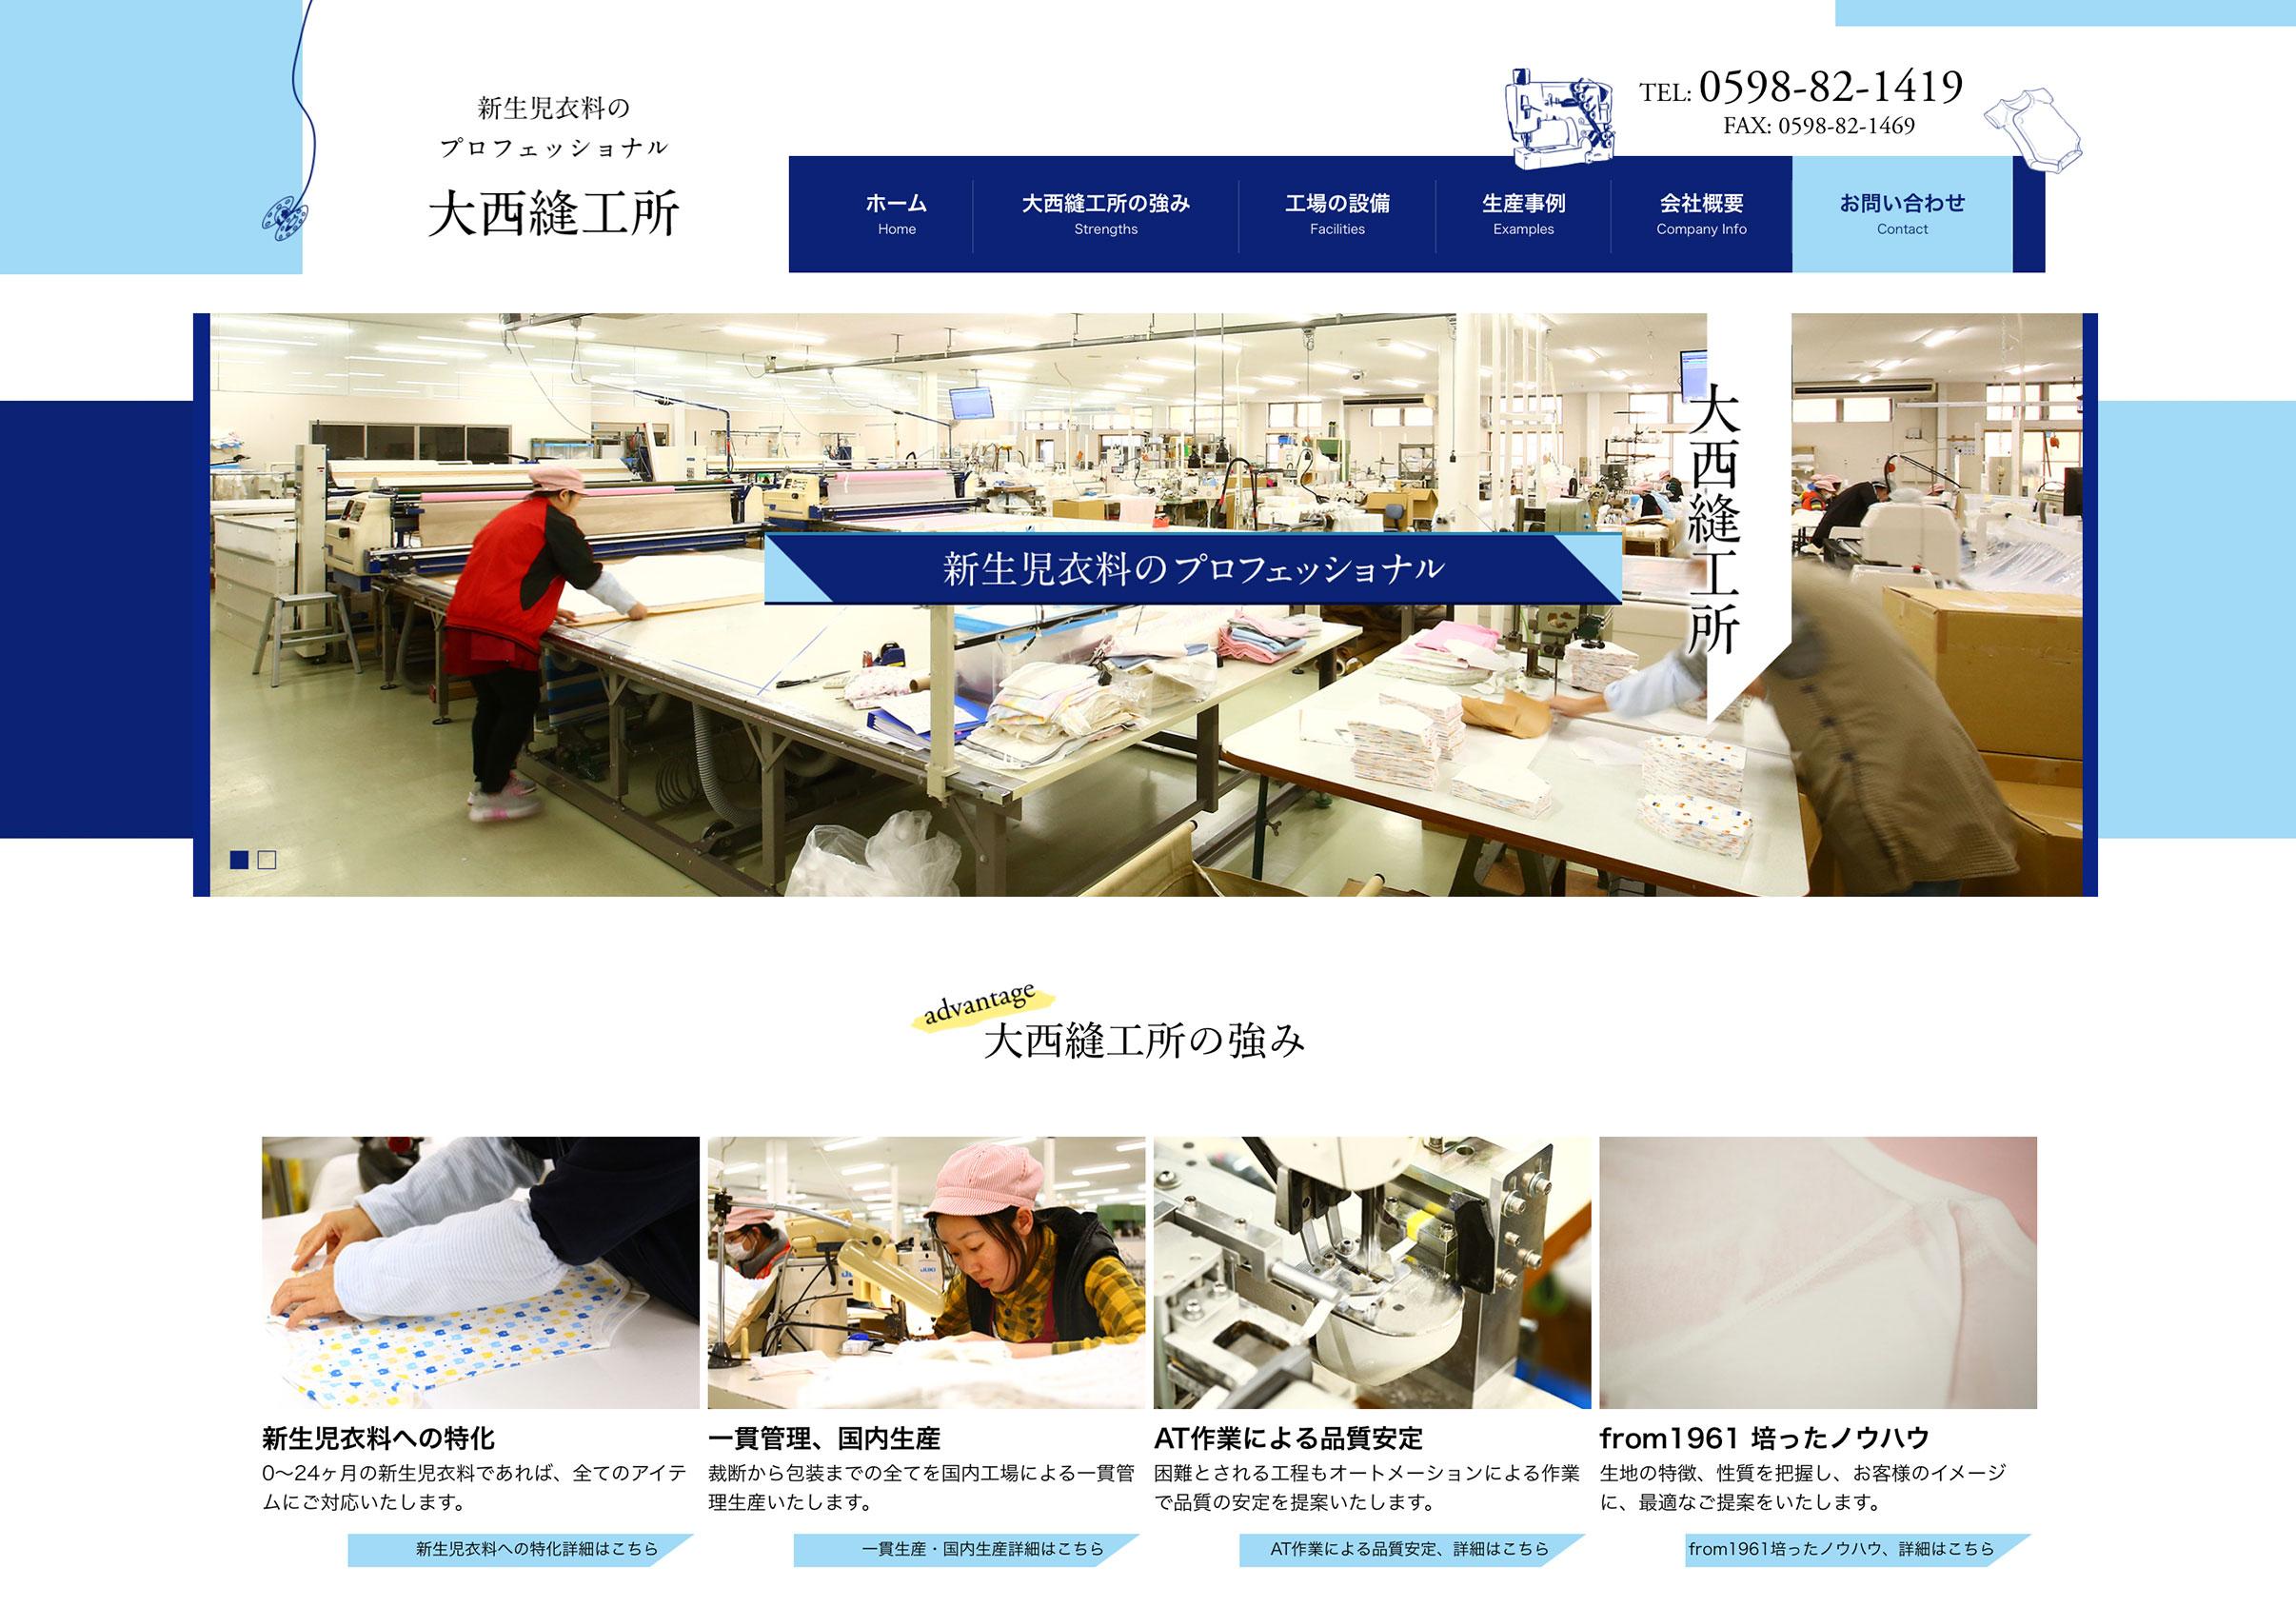 大西縫工所